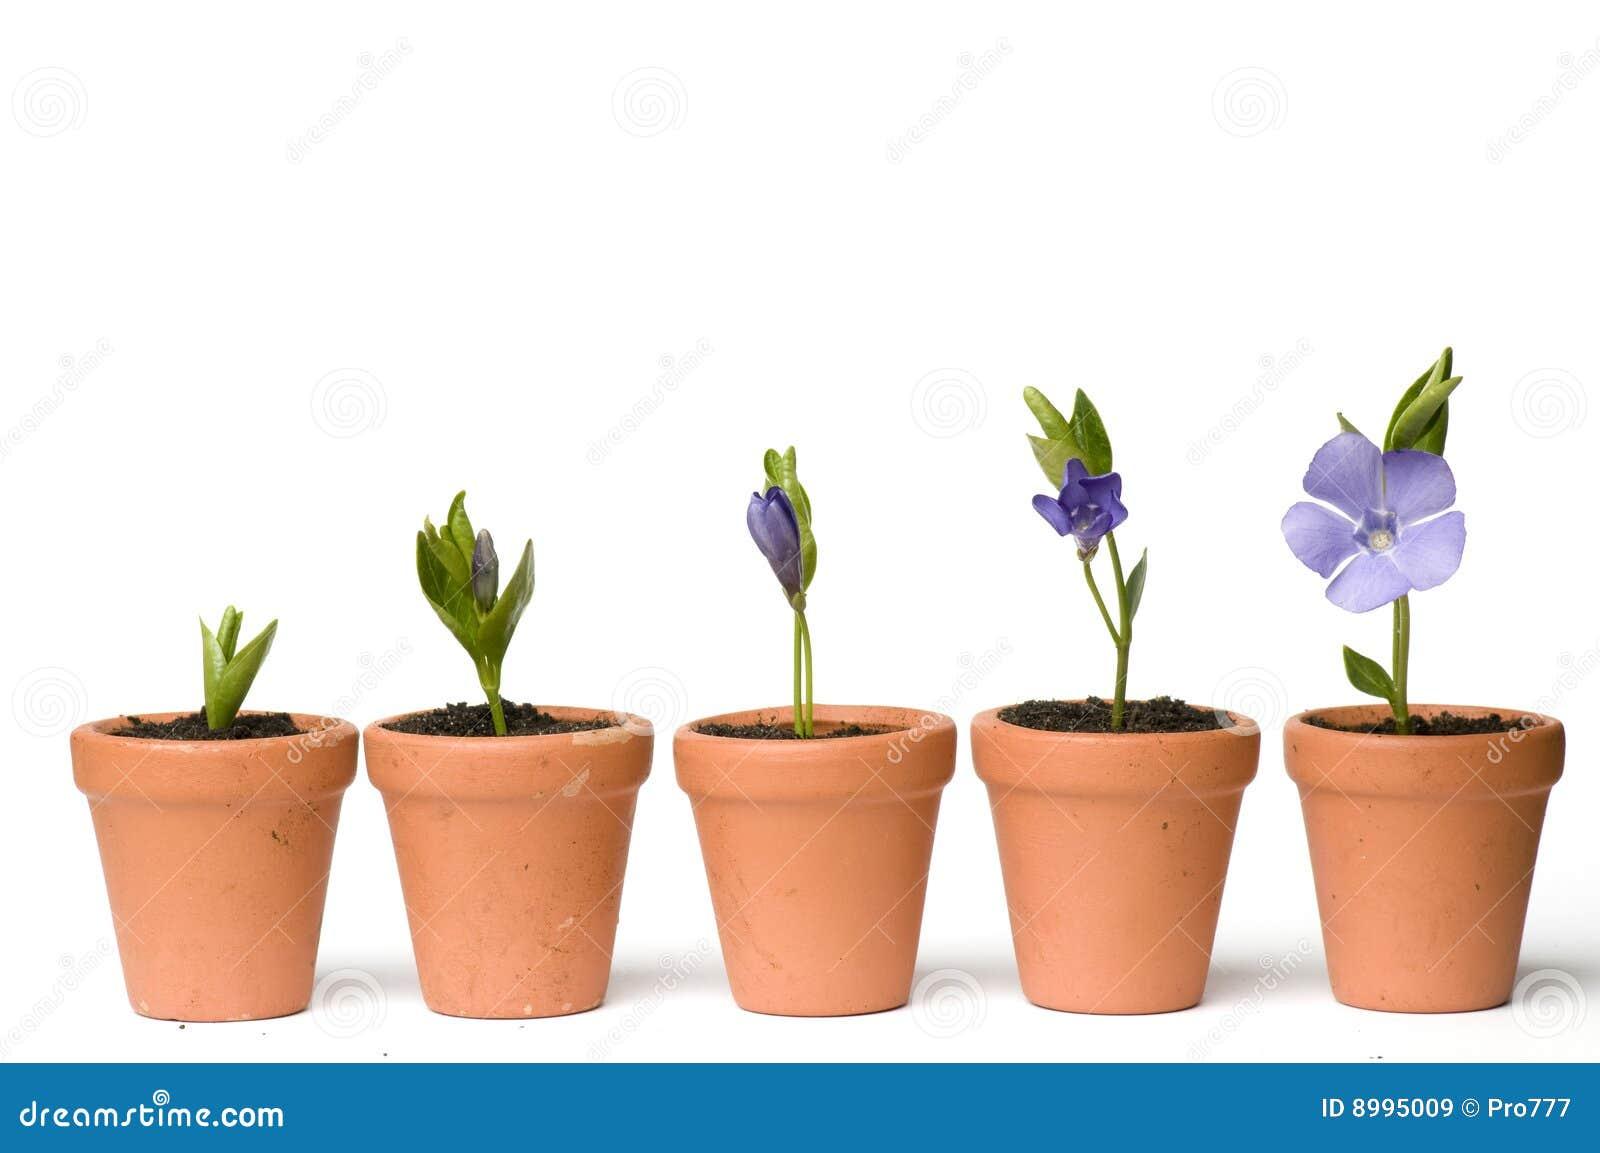 Этап роста цветов фото